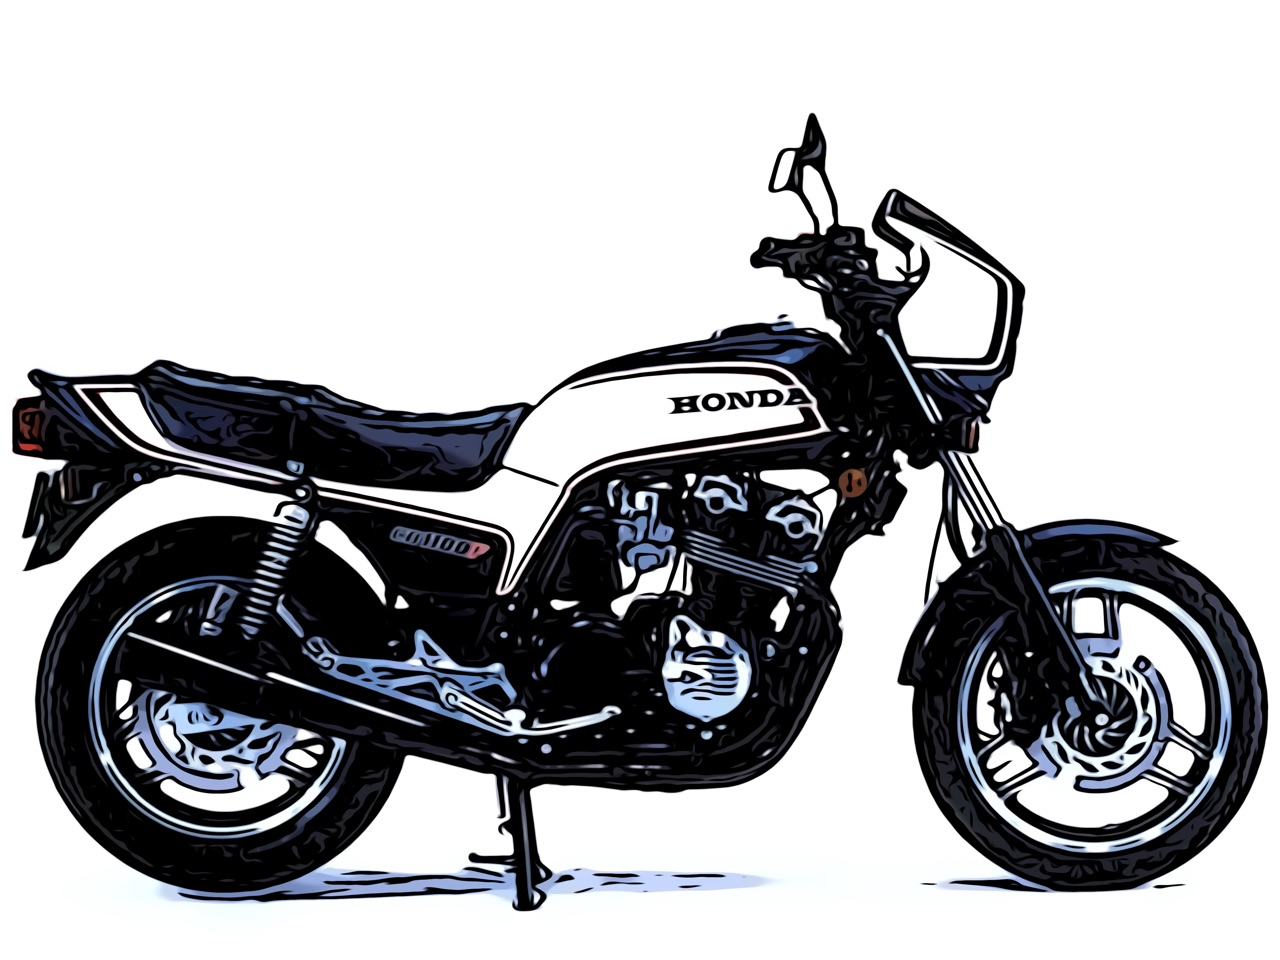 CB1100F HONDA